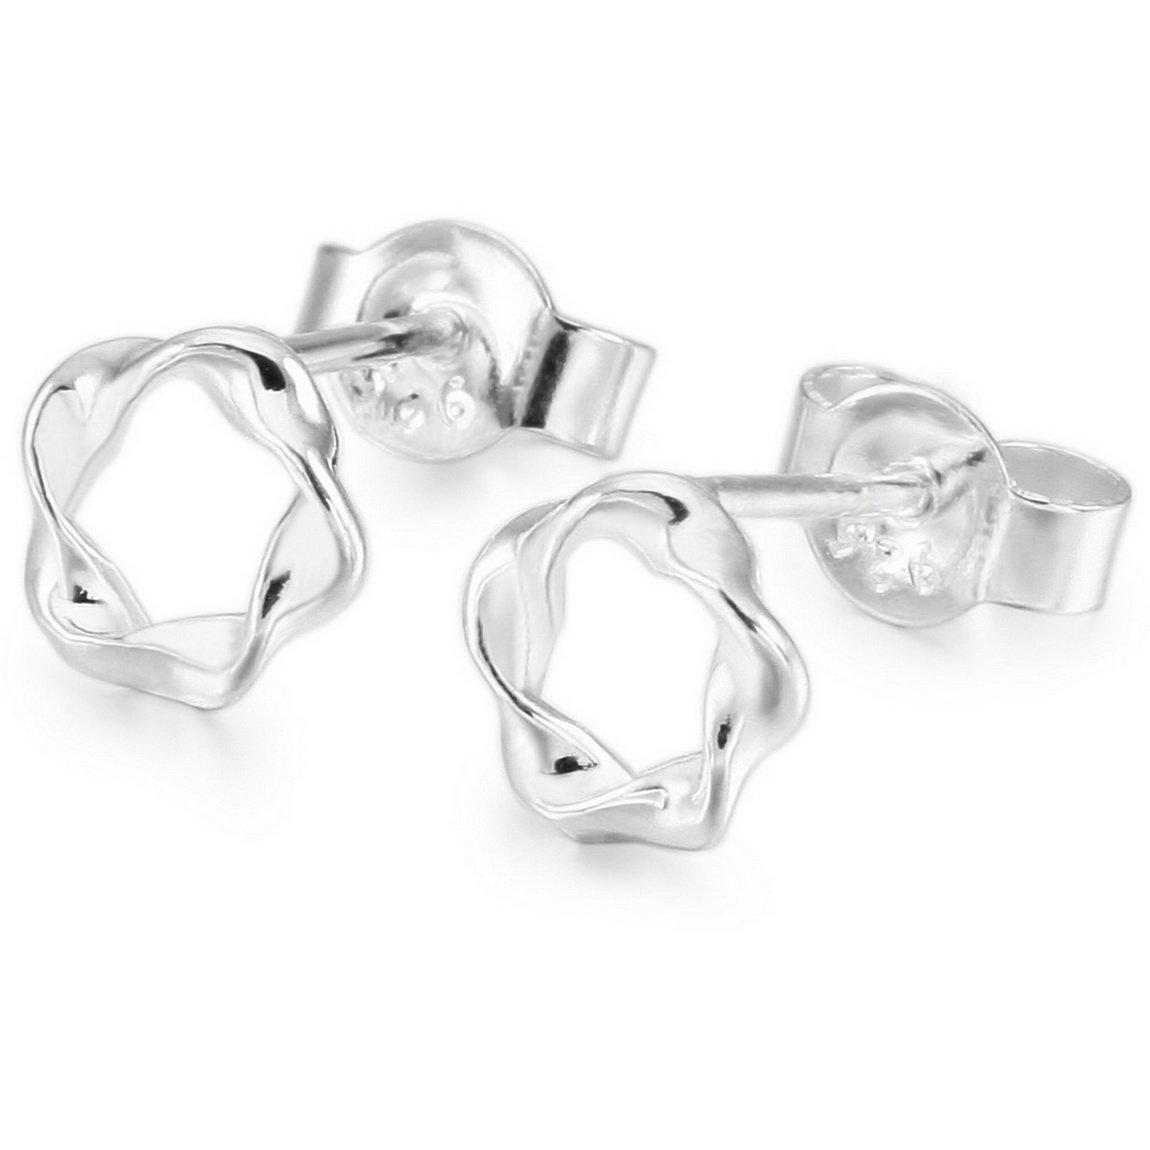 INBLUE Women's 925 Sterling Silver Stud Earrings Pentagram Pentacle INBLUE Jewelry mnp405